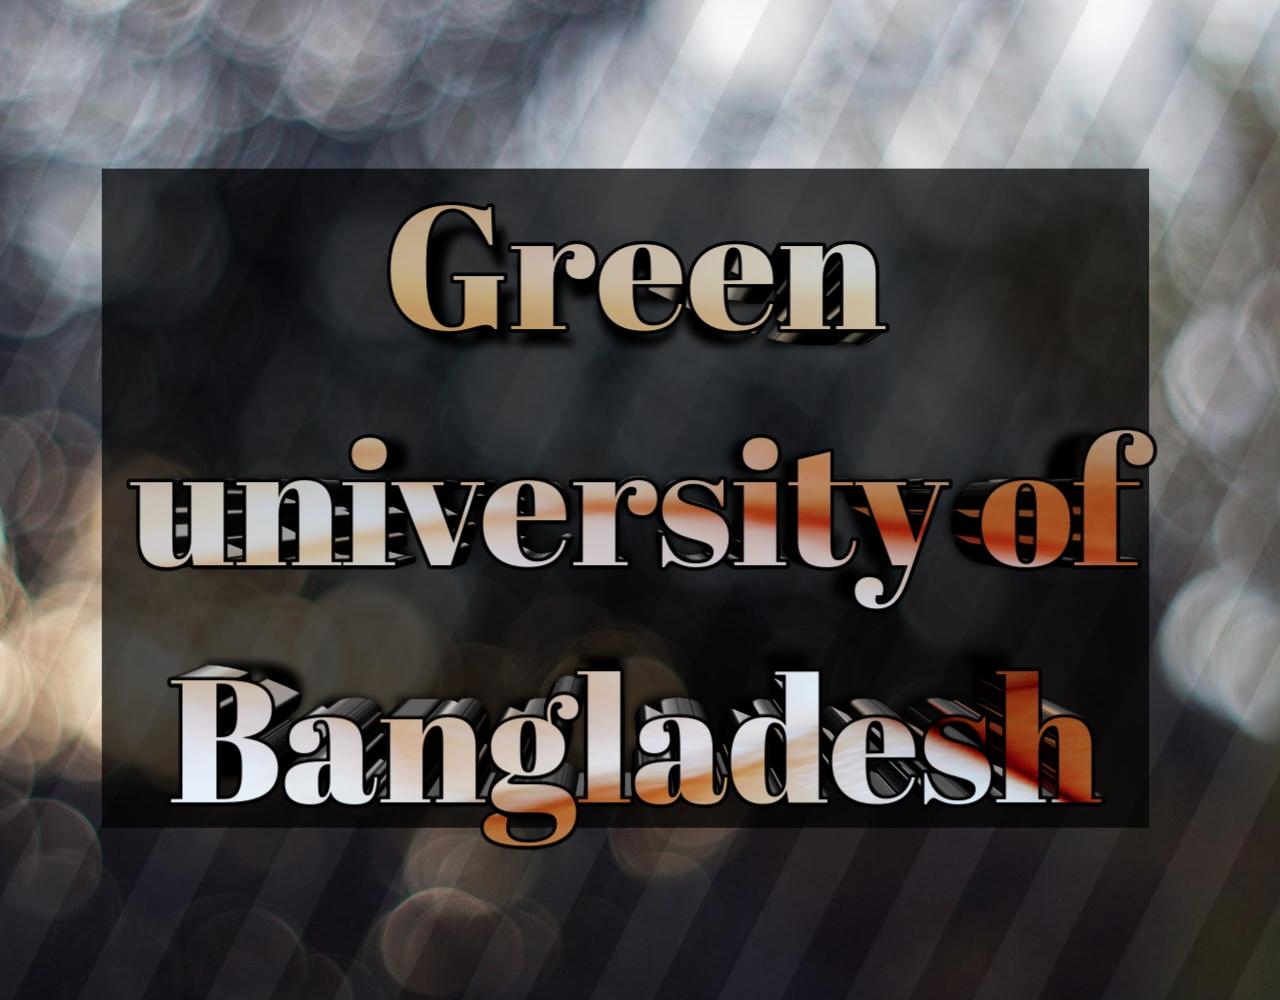 বাংলাদেশের সবুজ বিশ্ববিদ্যালয় ভর্তি পরীক্ষার পদ্ধতি 2020-2021, green university of Bangladesh Admission system 2020-2021, green university of Bangladesh admission test exam 2020-2021, বাংলাদেশের সবুজ বিশ্ববিদ্যালয় আবেদনের যোগ্যতা ২০২০-২১, green university of Bangladesh admission ability 2020-2021, বাংলাদেশের সবুজ বিশ্ববিদ্যালয় আবেদনের ন্যূনতম জিপিএ,  green university of Bangladesh admission test, বাংলাদেশের সবুজ বিশ্ববিদ্যালয় ইউনিট পদ্ধতি, green university of Bangladesh unit system, বাংলাদেশের সবুজ বিশ্ববিদ্যালয় ভর্তি পরীক্ষার নম্বর বন্টন ২০২০-২০২১, green university of Bangladesh subject list, বাংলাদেশের সবুজ বিশ্ববিদ্যালয় ভর্তি পরীক্ষার তারিখ ২০২০-২০২১, green university of Bangladesh admission date 2020-2021, বাংলাদেশের সবুজ বিশ্ববিদ্যালয় আসন সংখ্যা 2020-2021, green university of Bangladesh admission seat 2020-2021, বাংলাদেশের সবুজ বিশ্ববিদ্যালয় আবেদন ফি 2020-2021, green university of Bangladesh University admission fee 2020-2021,